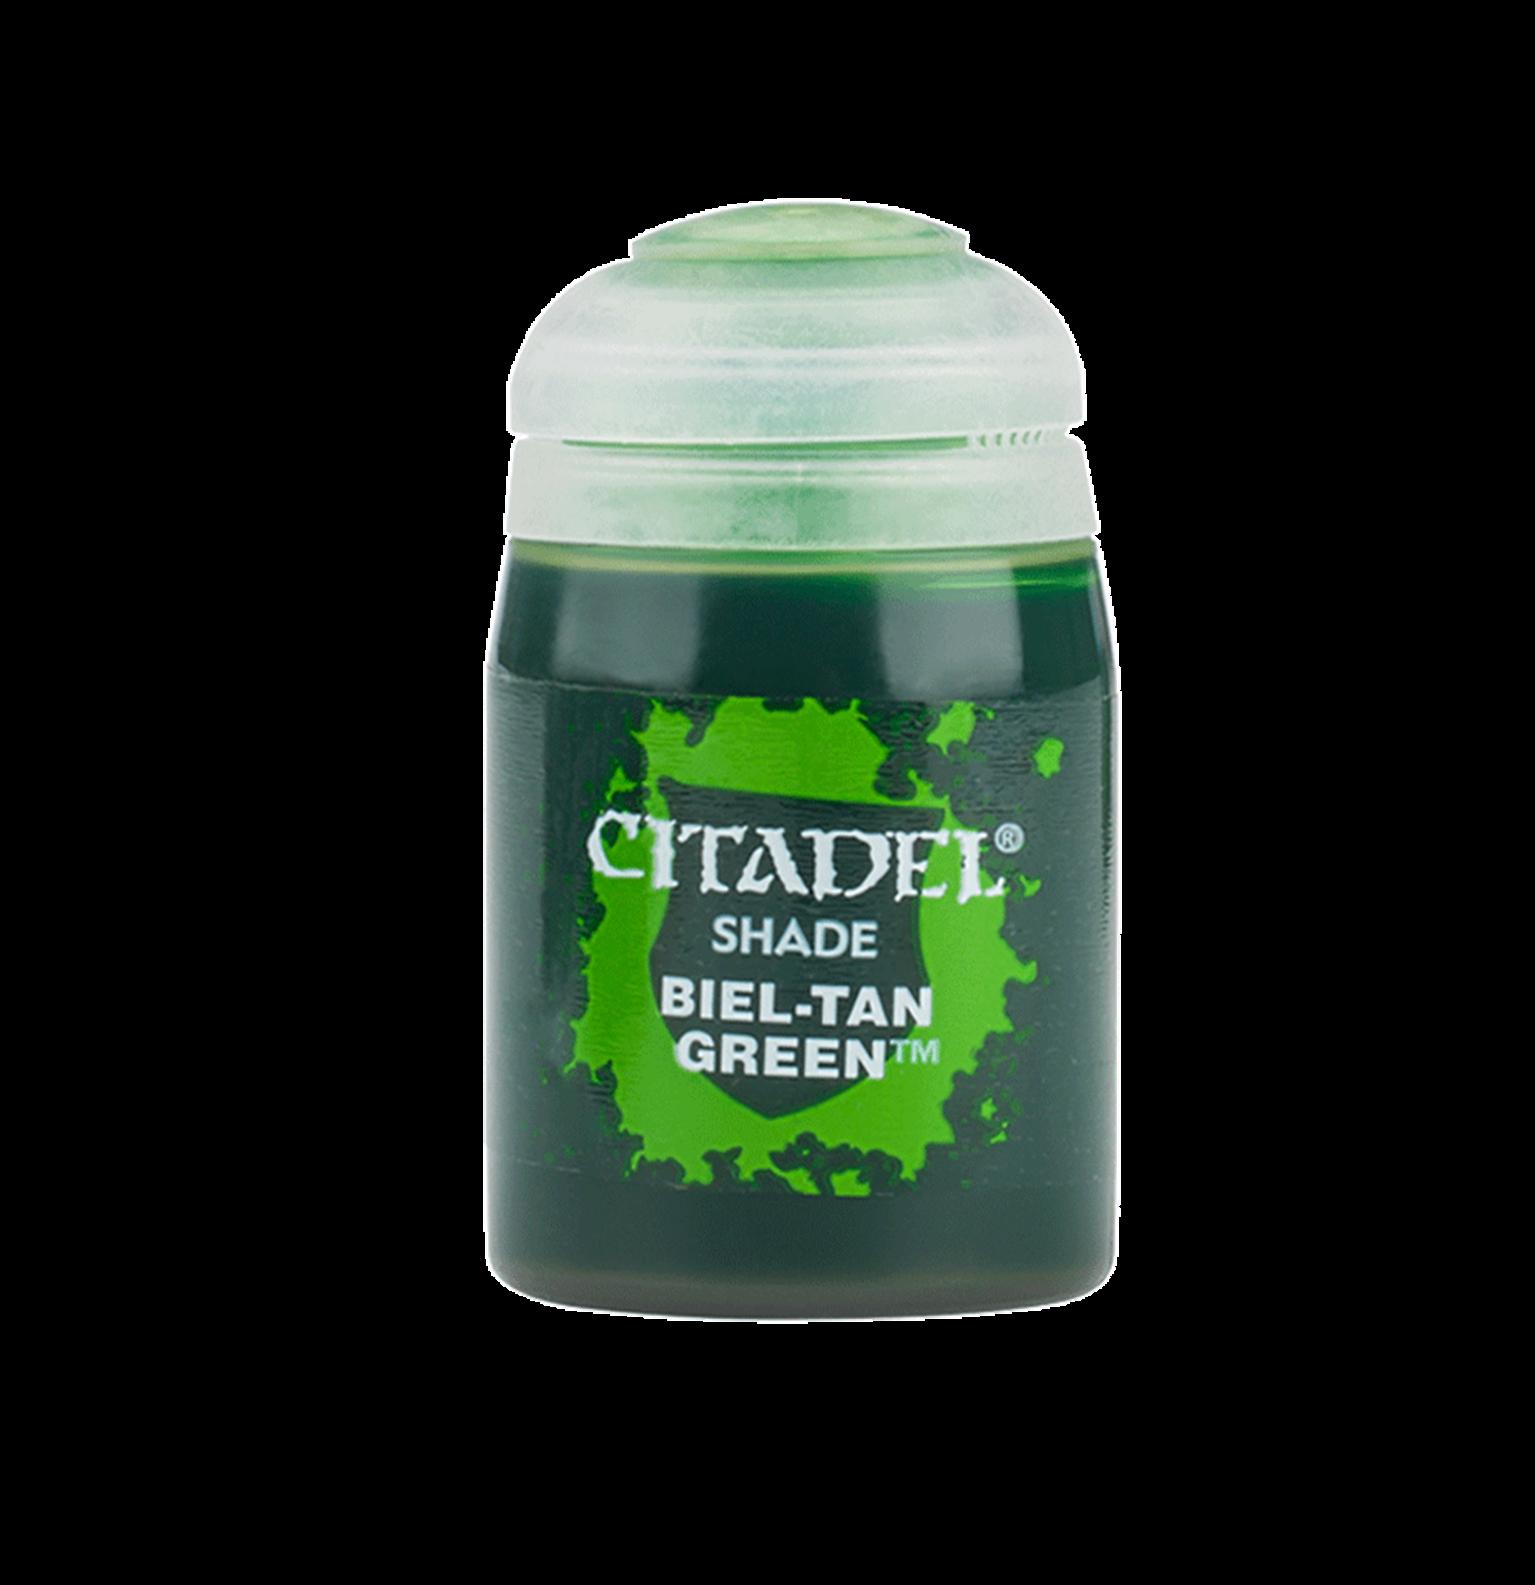 CITADEL SHADE Biel-Tan Green PAINT POT